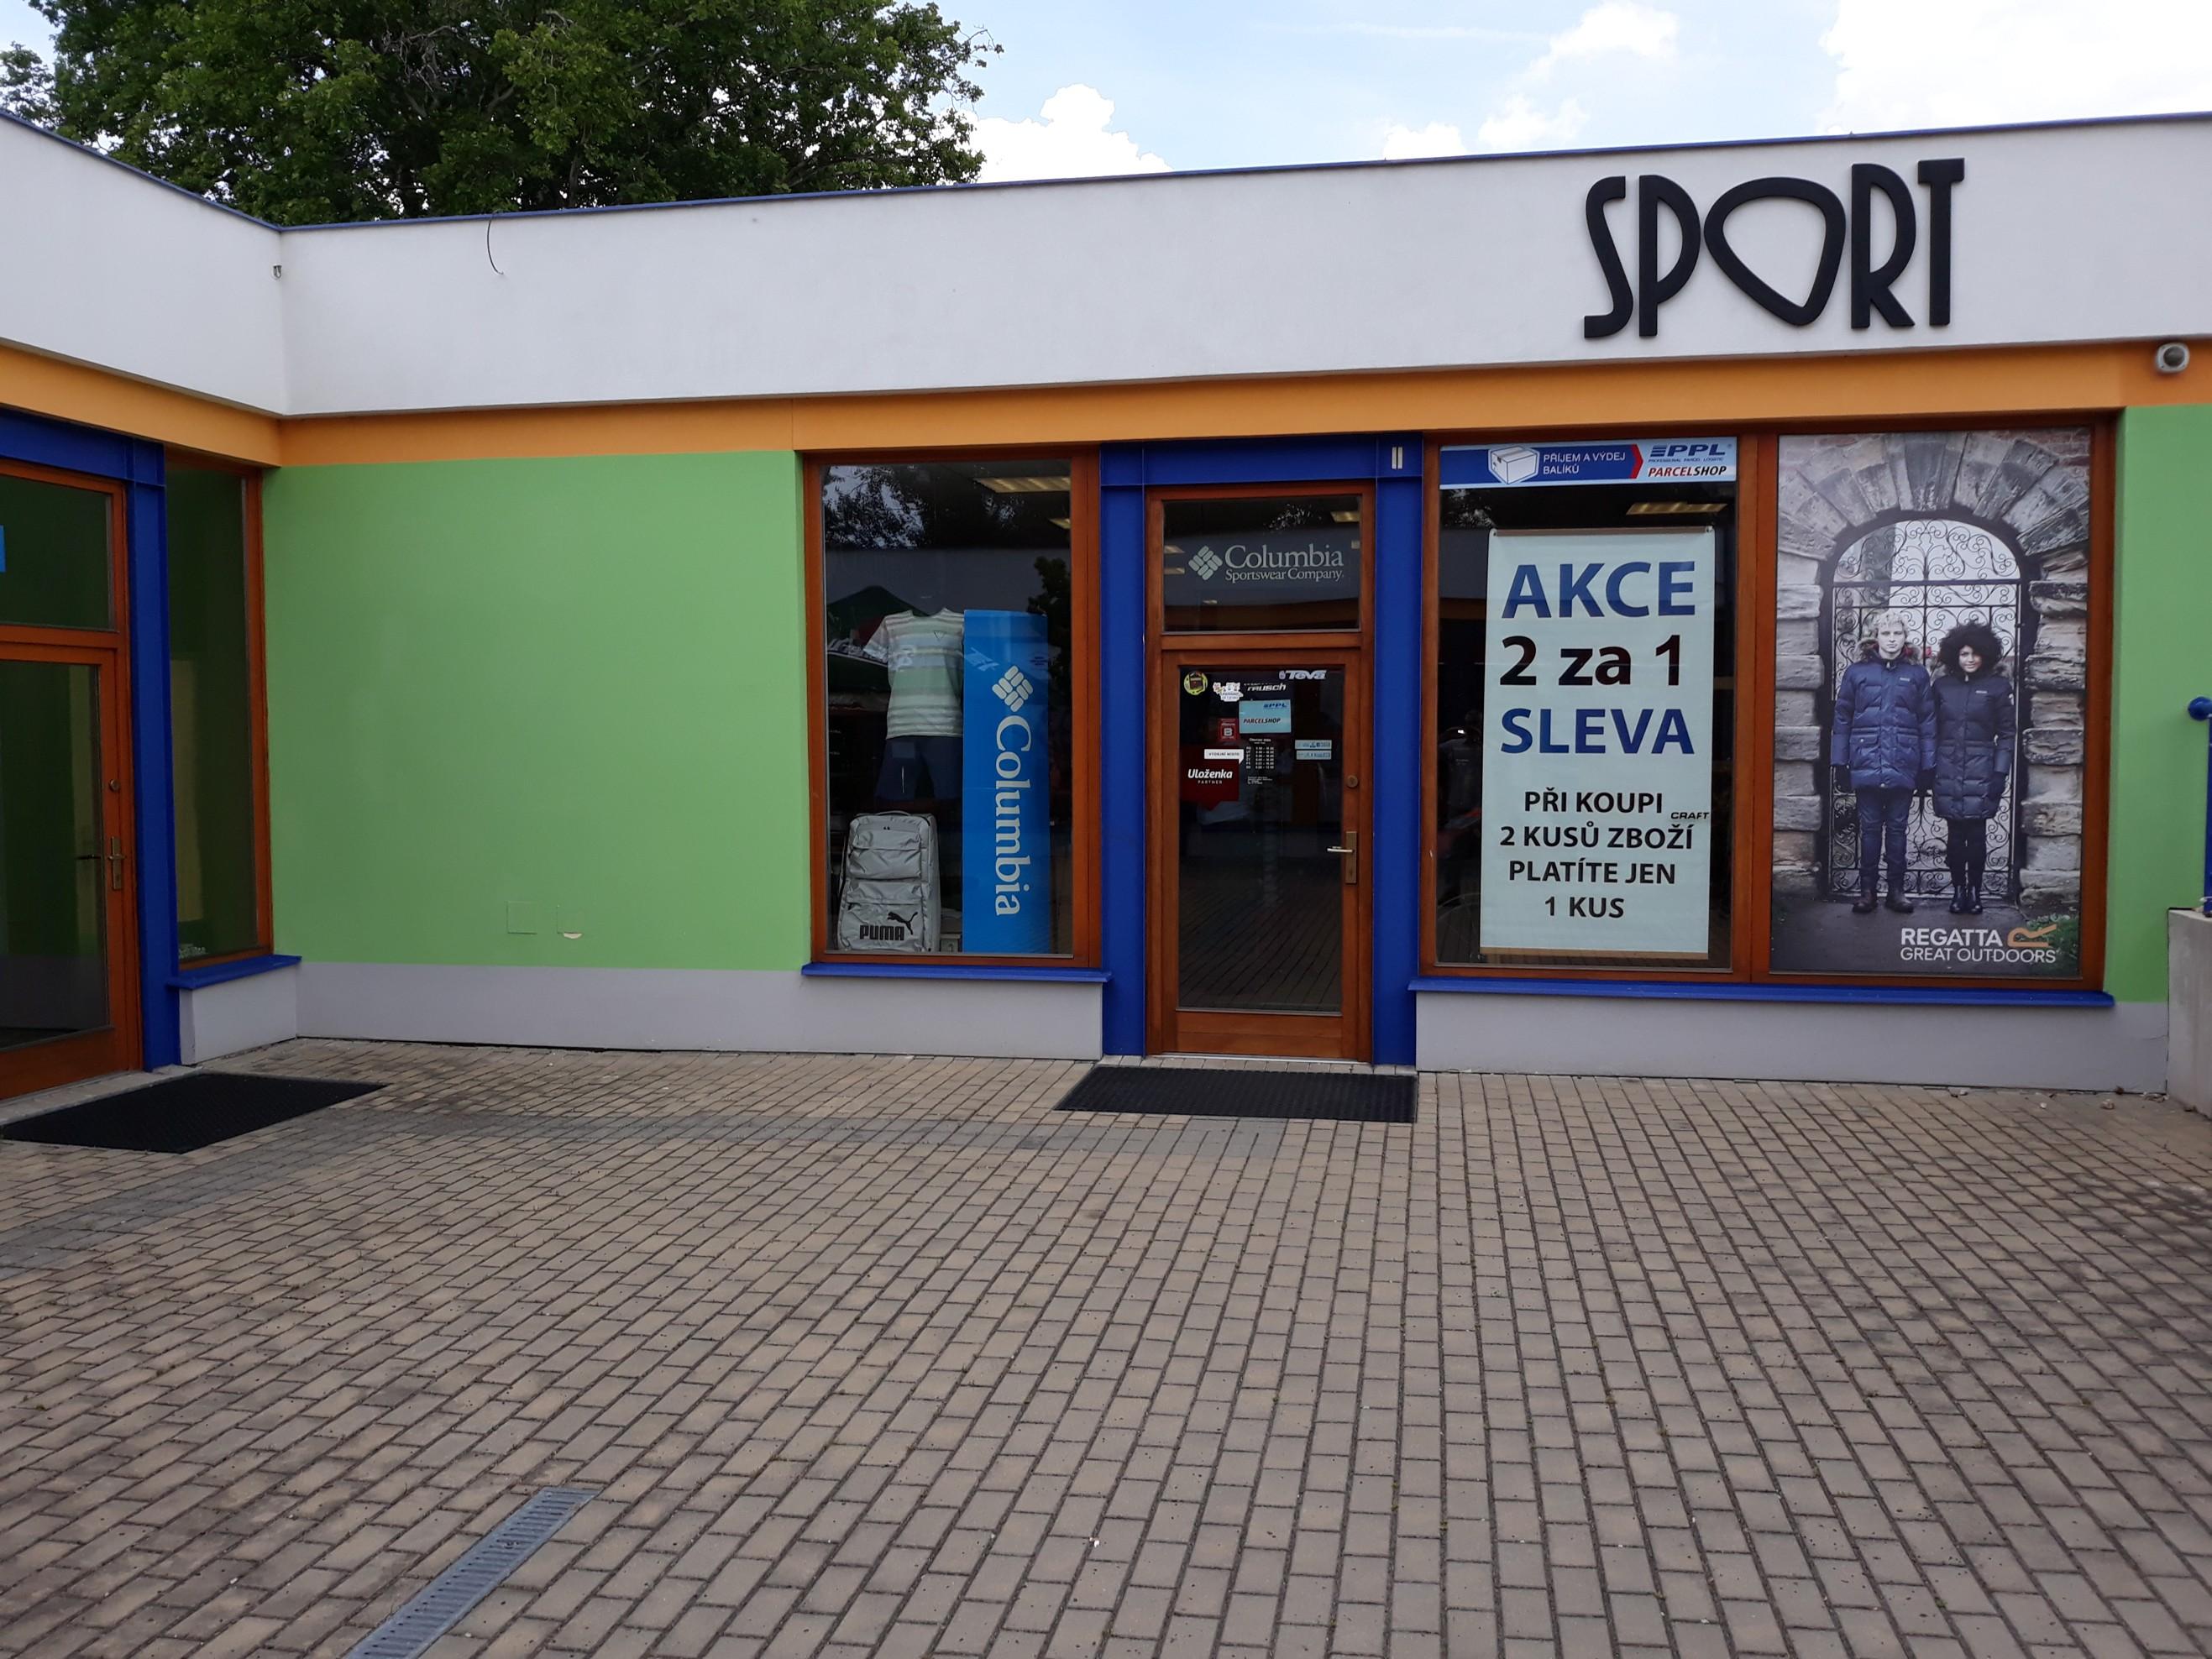 Pobočka Břeclav, Pod Zámkem 2 (Sport)